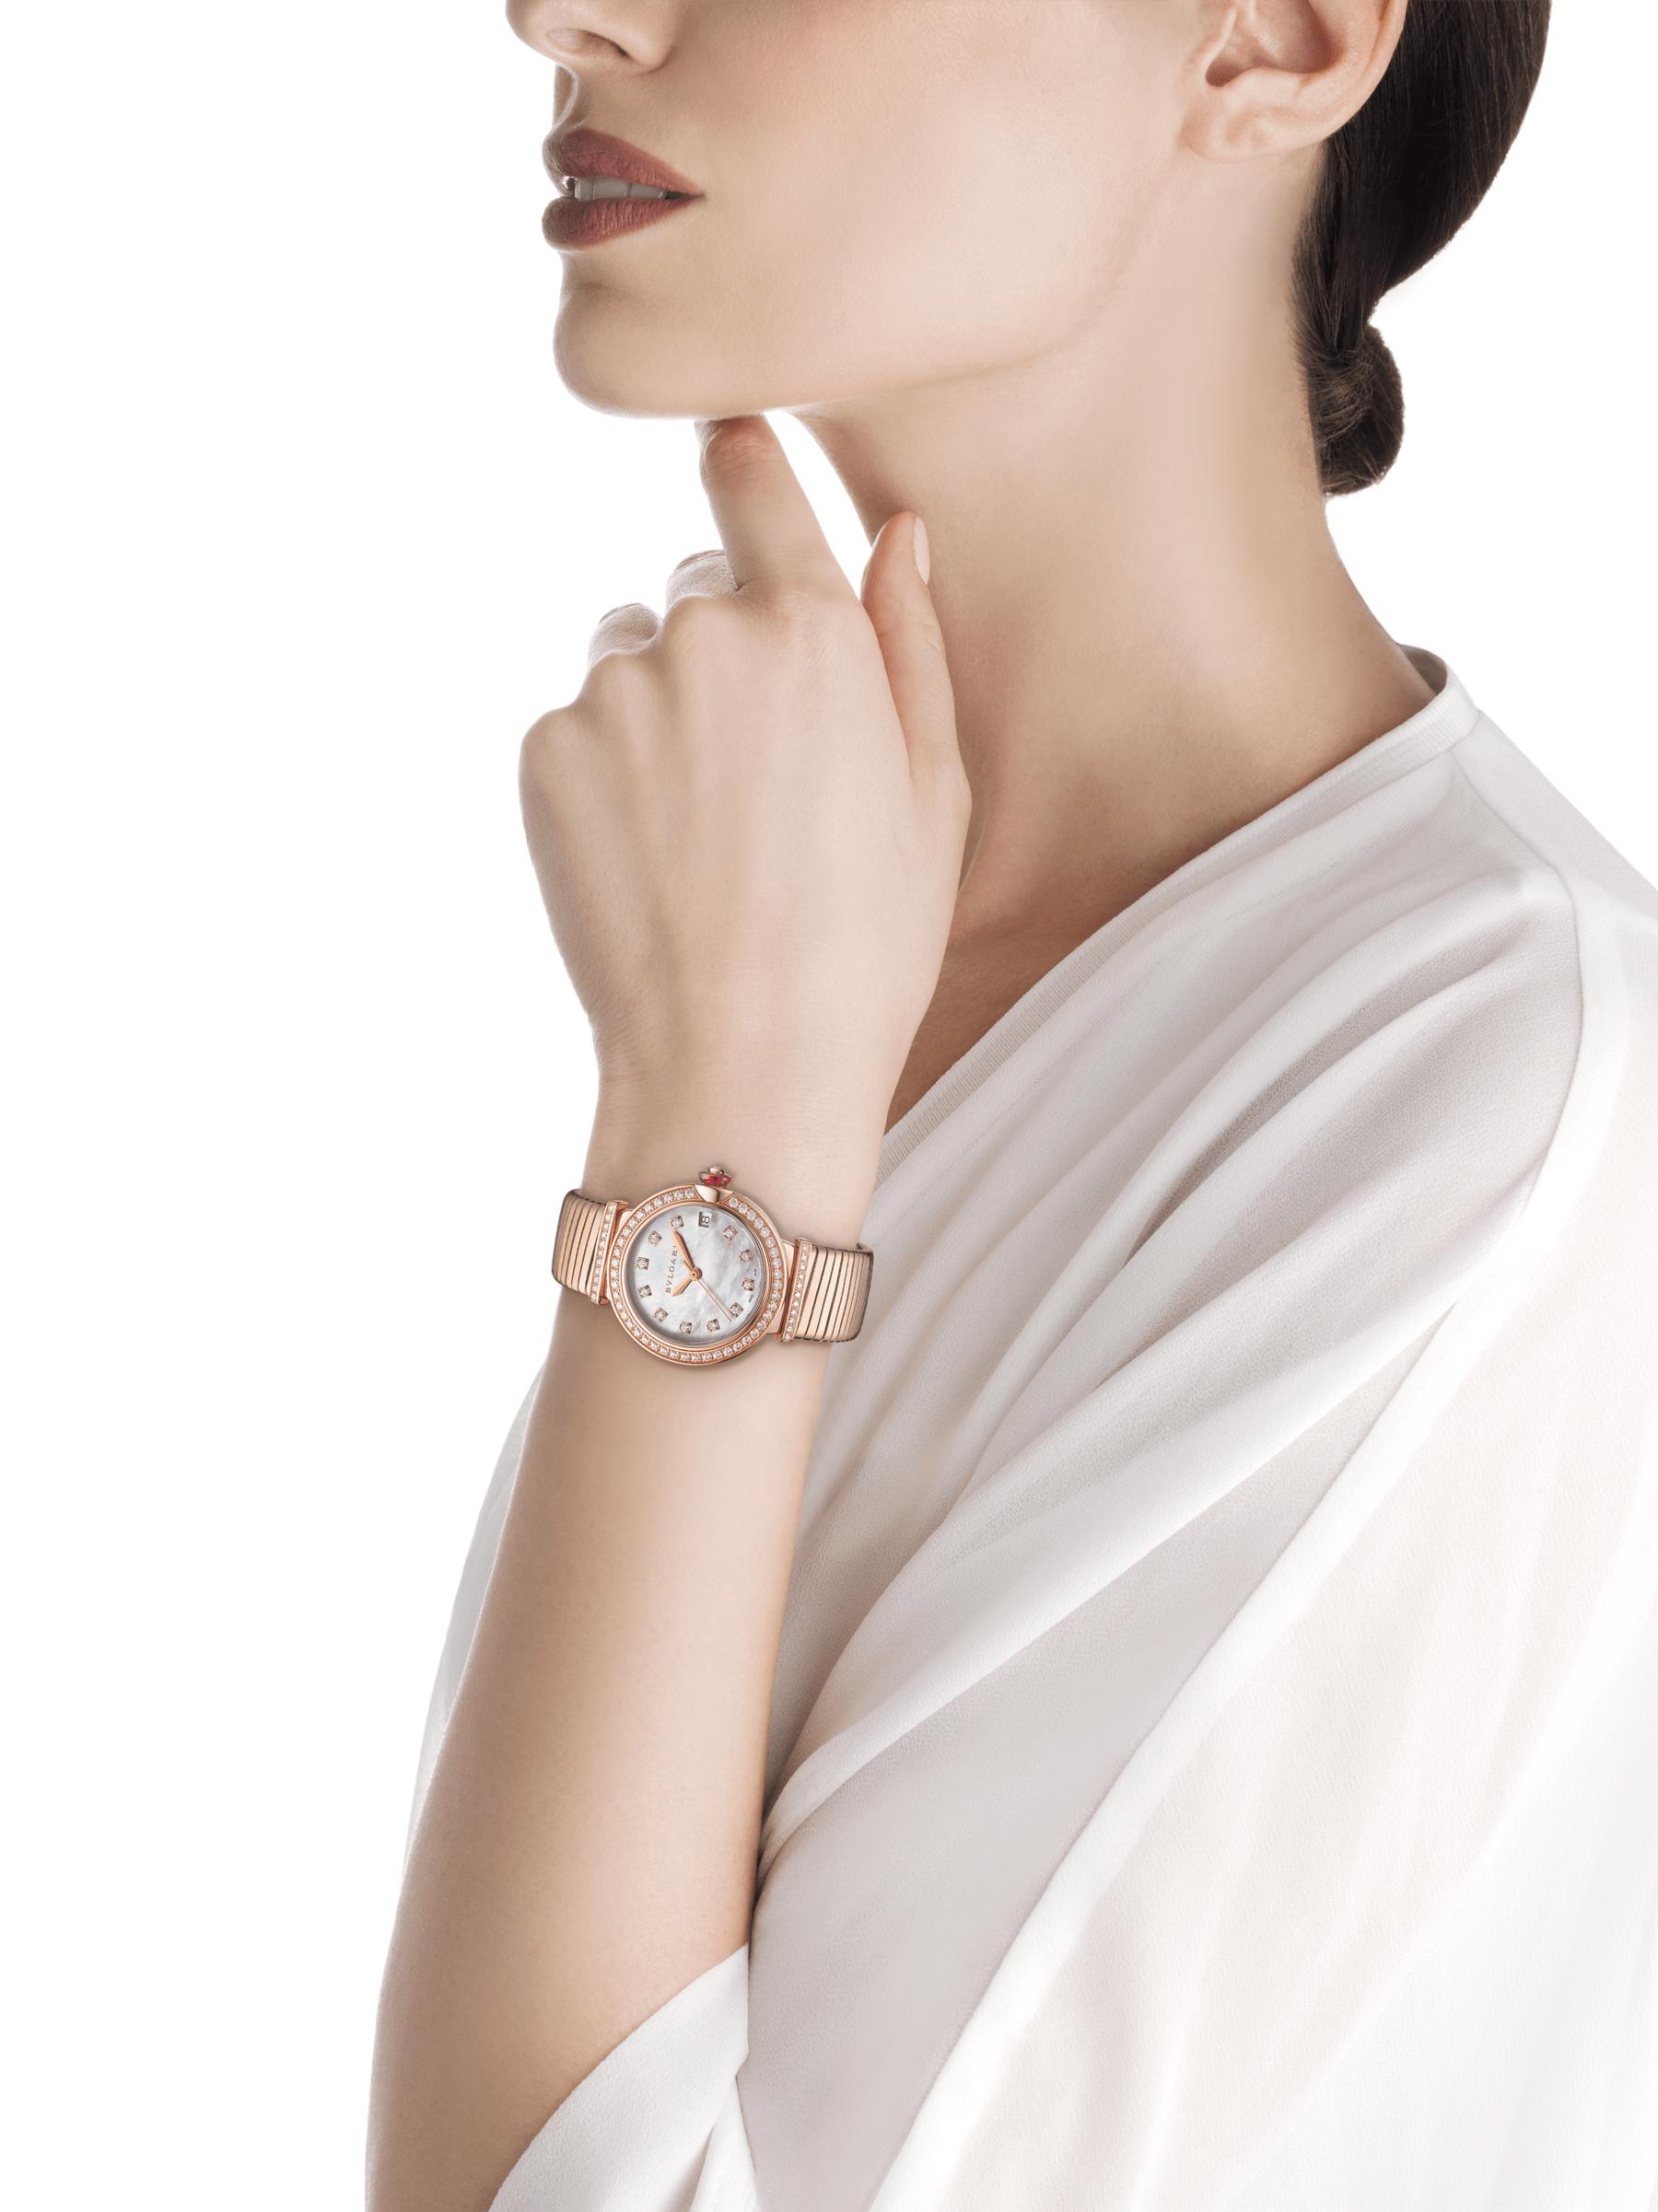 Relógio LVCEA Tubogas com caixa em ouro rosa 18K cravejada com diamantes, mostrador em madrepérola branca, índices de diamante e pulseira tubogas em ouro rosa 18K 103034 image 4